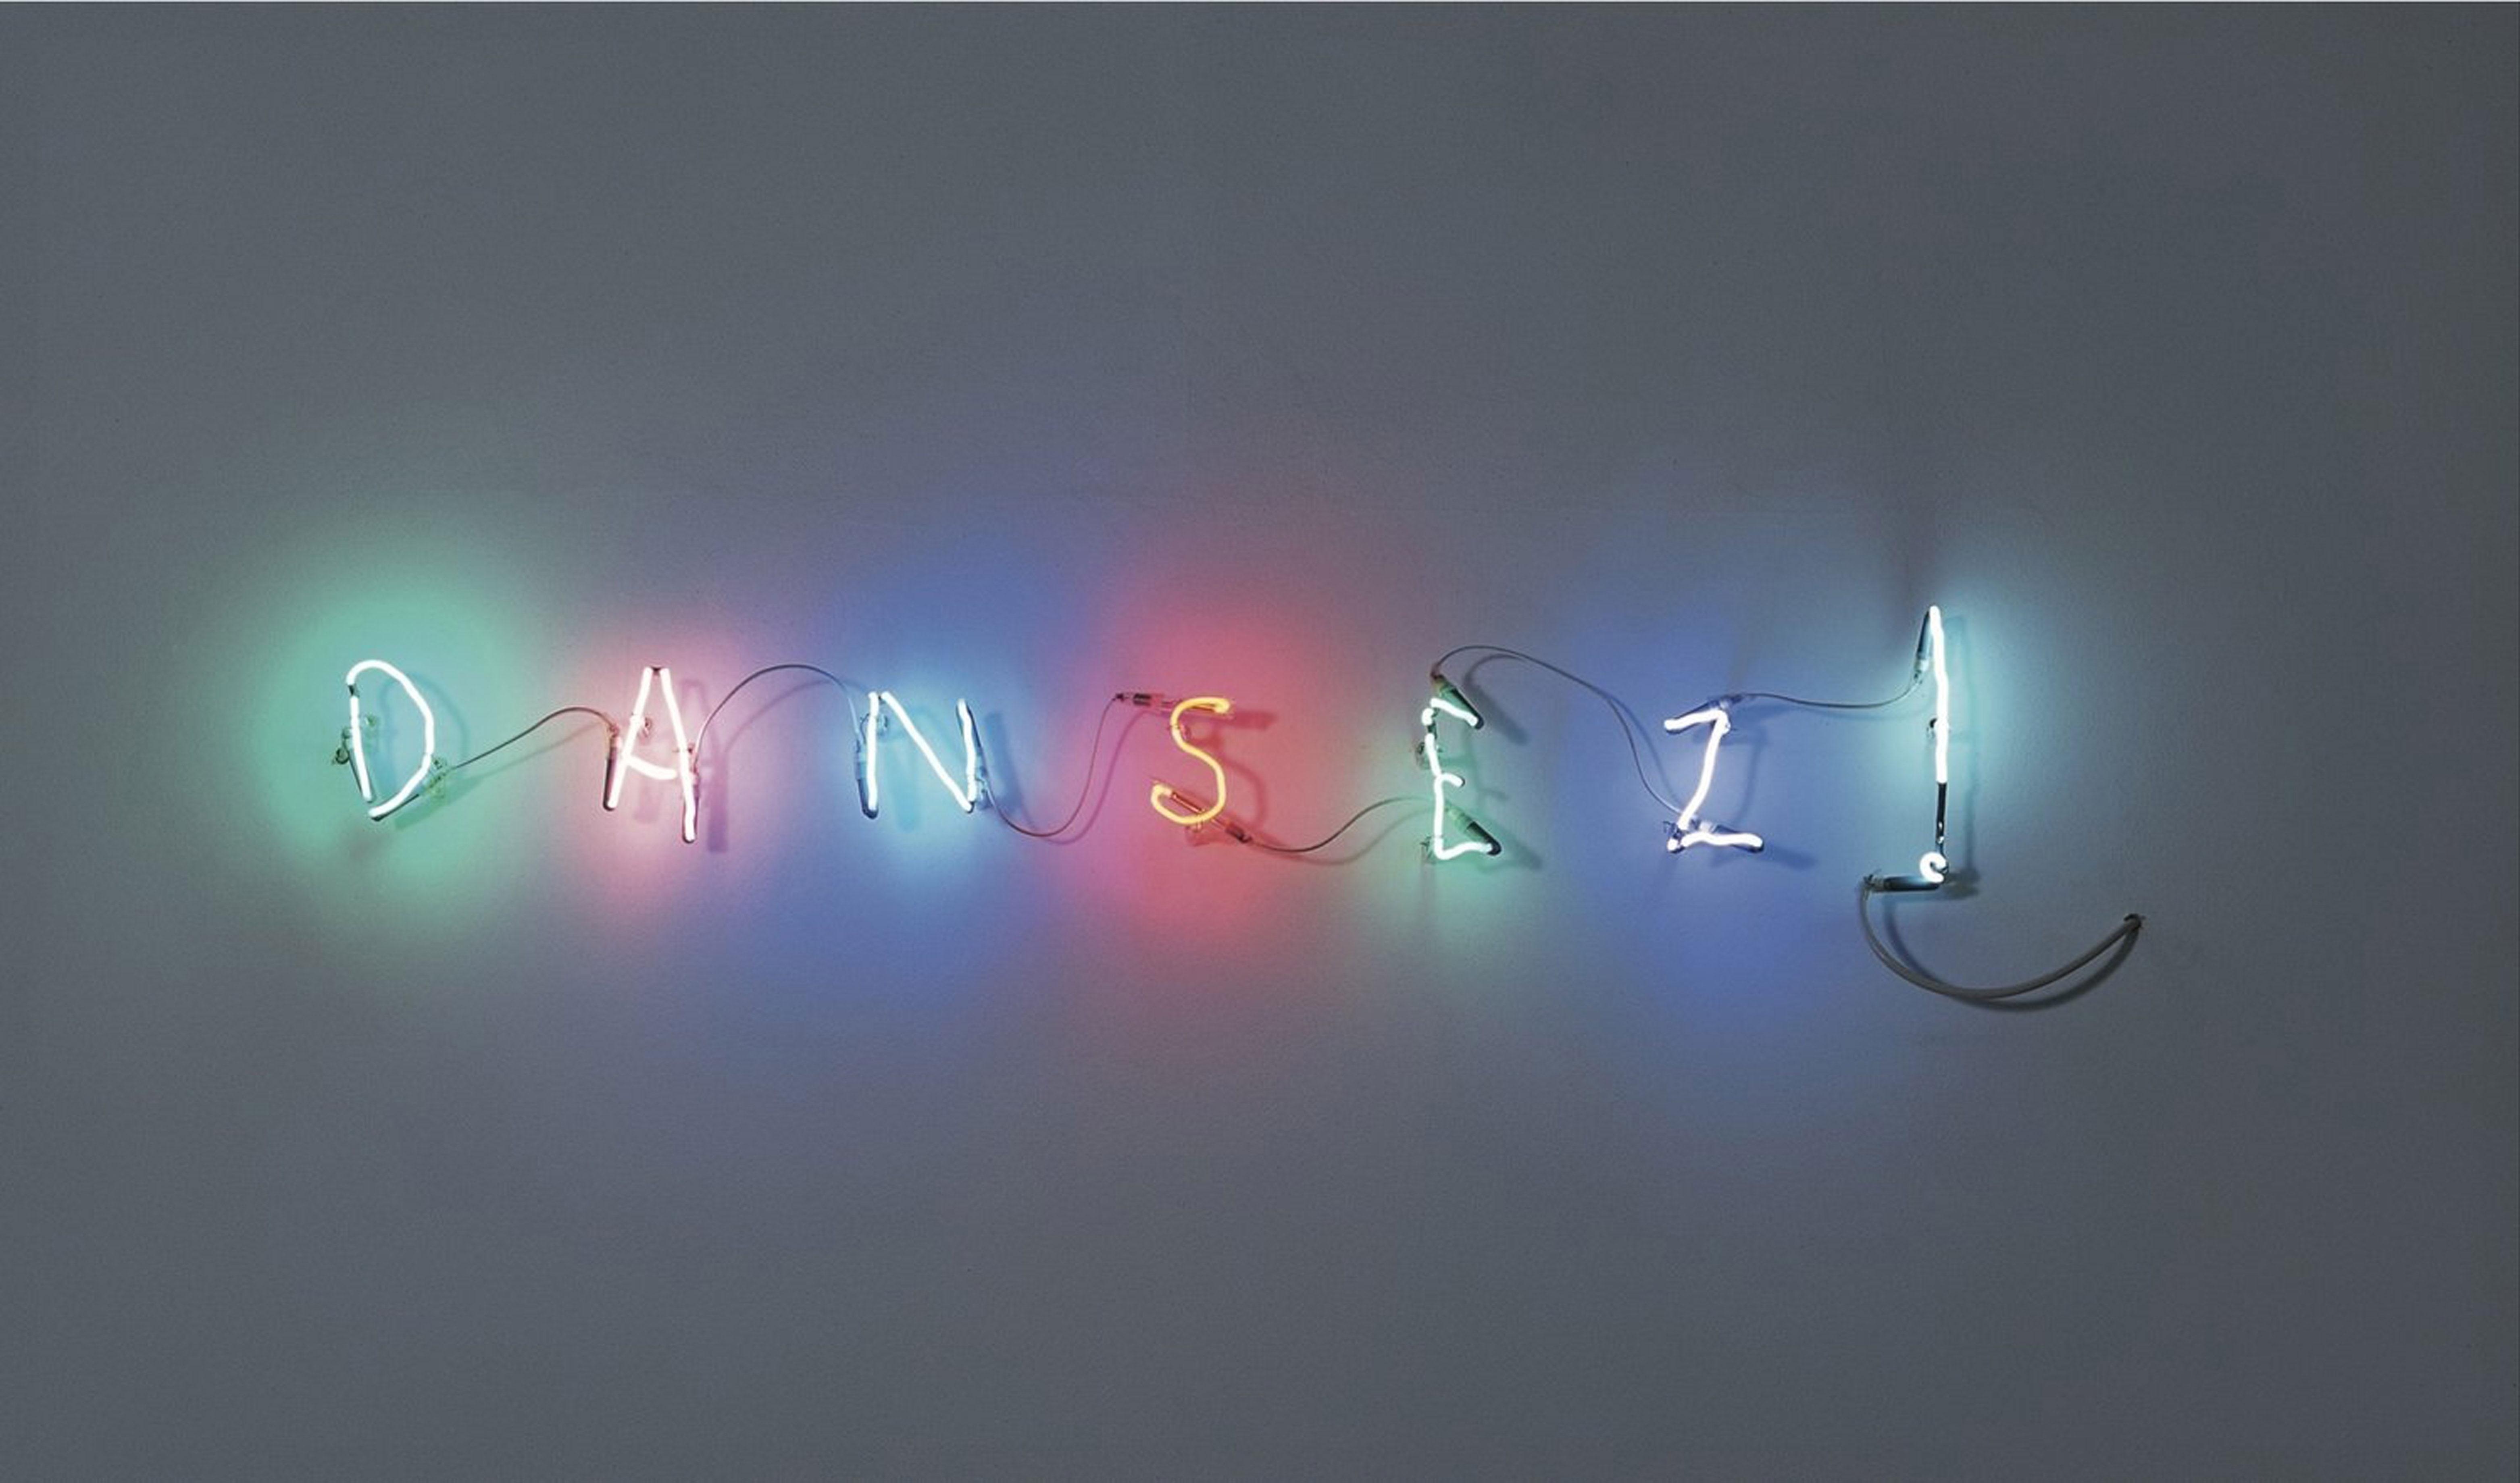 Claude Lévêque,Sans titre (Dansez !), 1995, enseigne tubes néon multicolores,15 x 150 cm. Courtesy Collection agnès b.